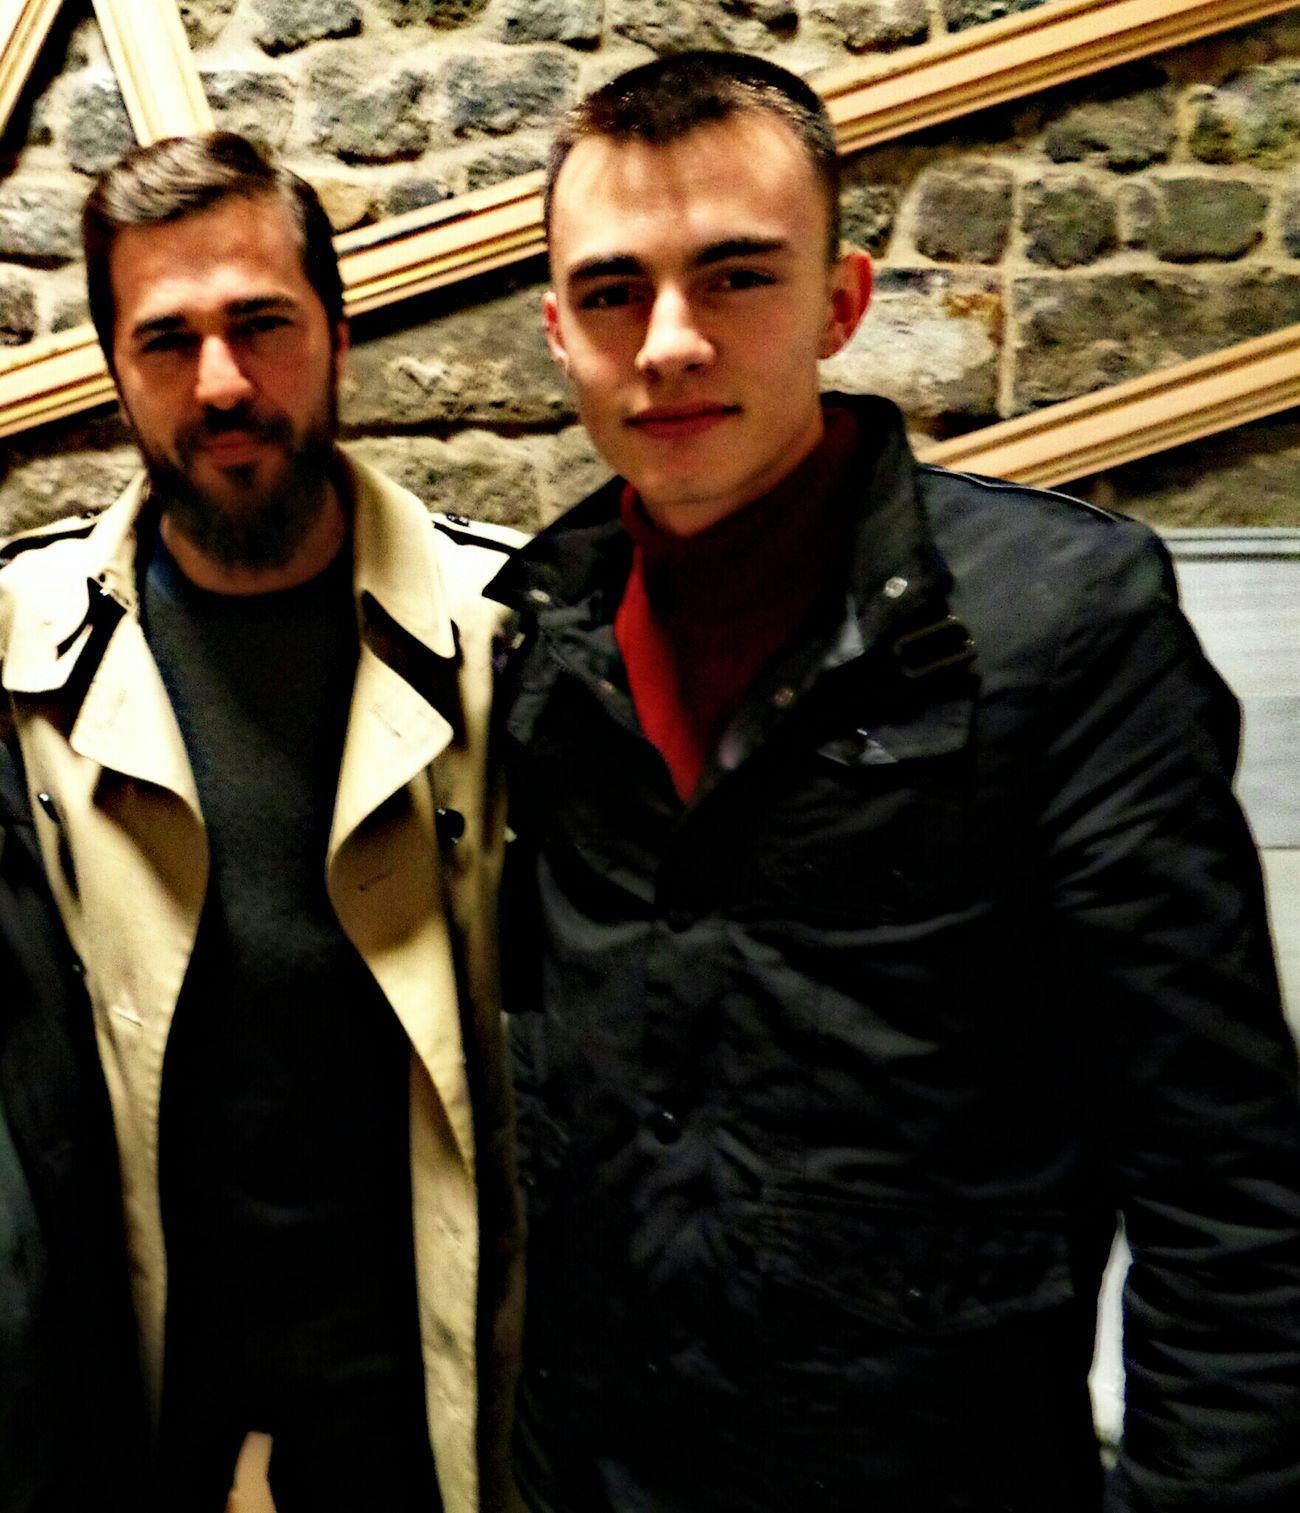 """Diriliş """"Ertuğrul"""" . EnginAltanDüzyatan Dirilişertuğrul Dirilis Kayseri Trt Dizioyuncusu Dizi Famous People Turkey"""